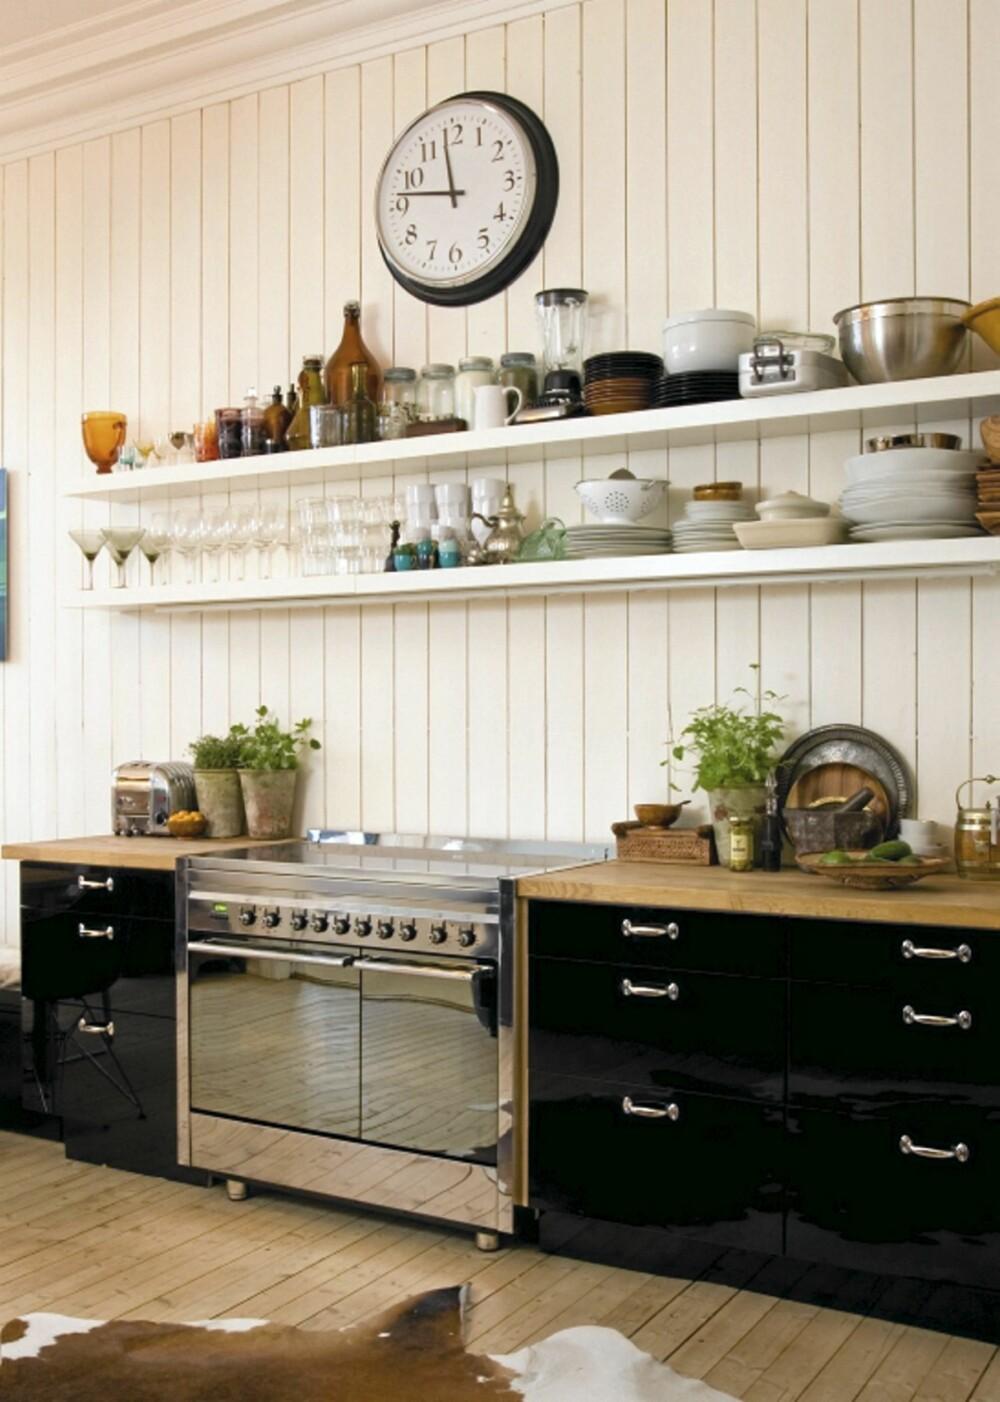 OVERSIKT: De lange hyllene som løper parallelt med kjøkkenbenkens lengde gir mye plass og god oversikt.